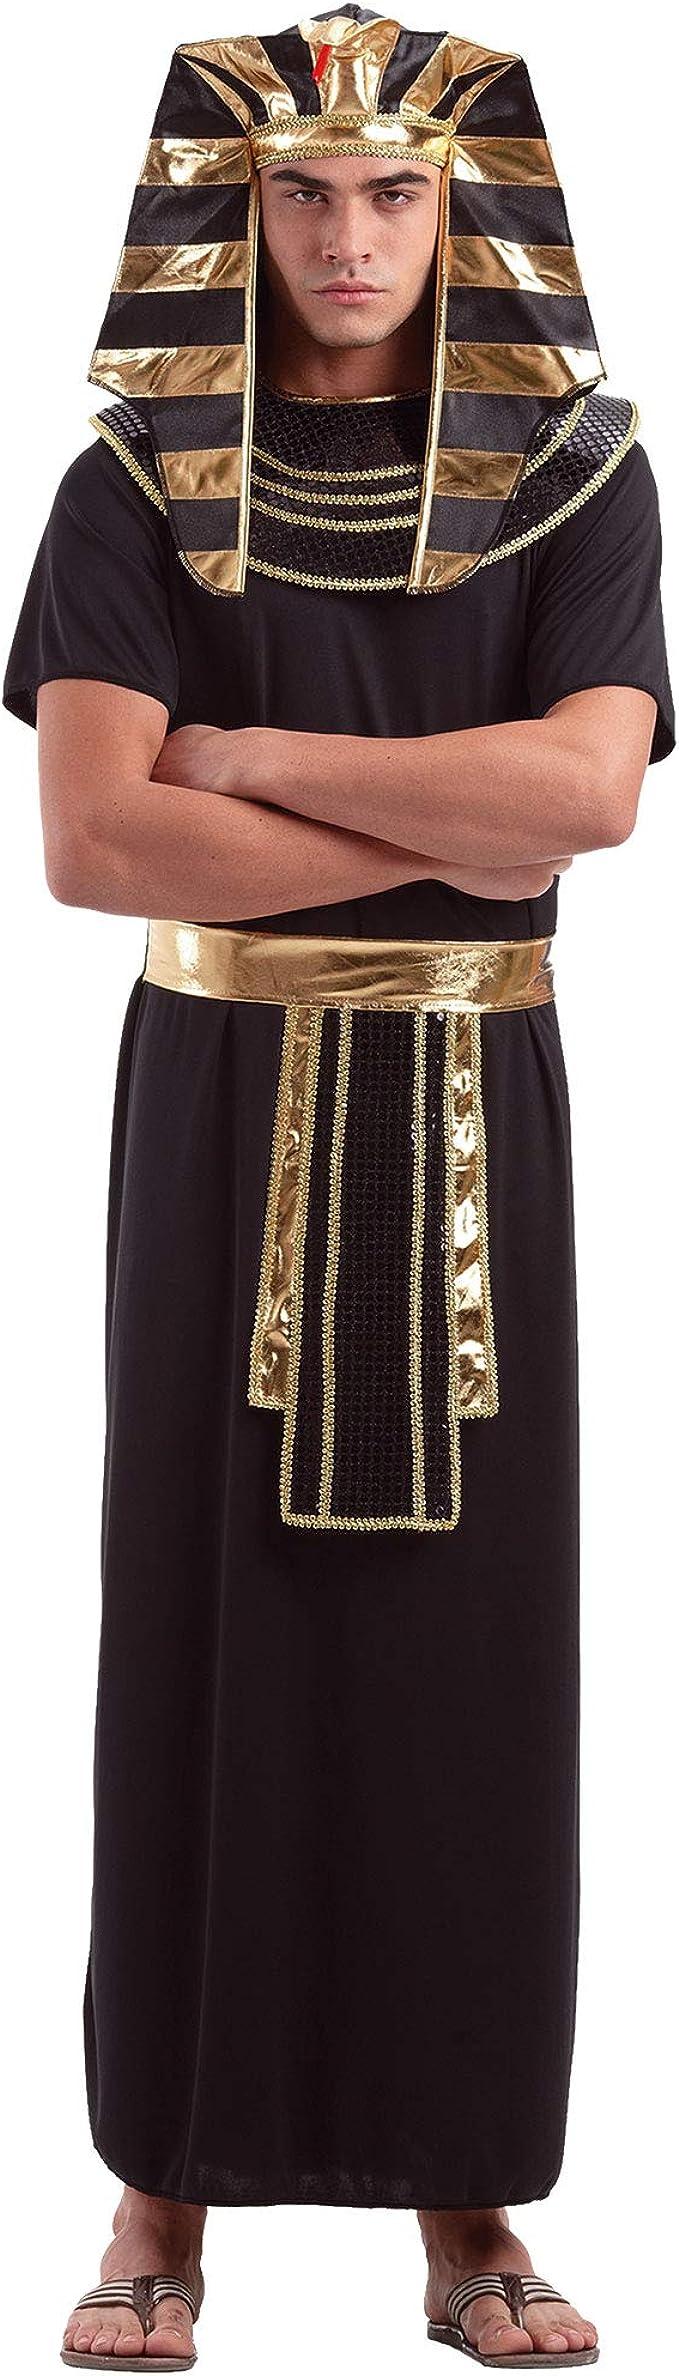 Amazon.com: Disfraz de faraón egipcio para Halloween para ...